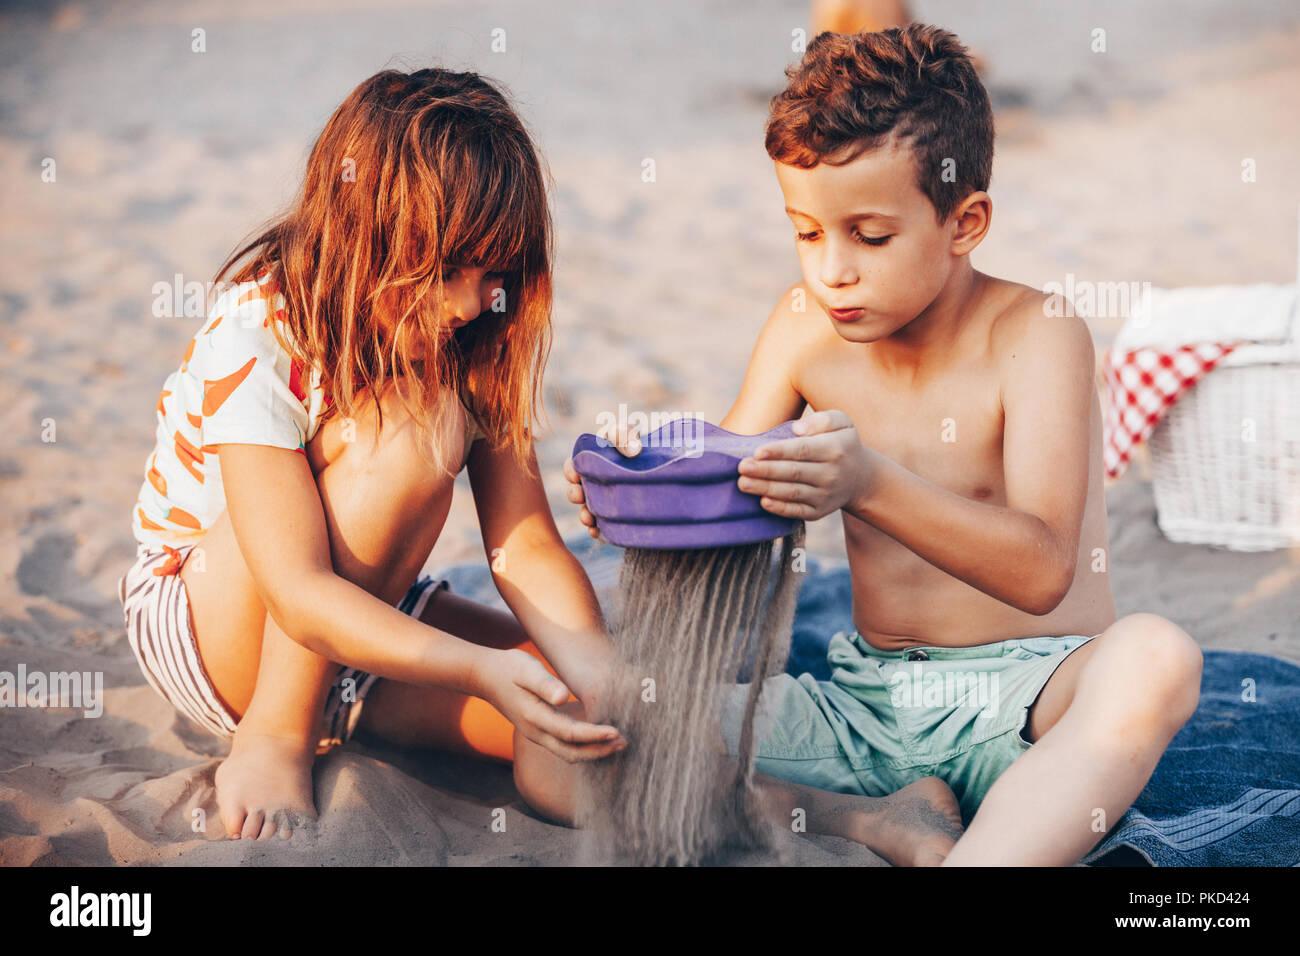 Heureux les enfants positifs assis sur une serviette sur la plage et jouer avec le sable. Vacances d'été et d'un style de vie sain concept Photo Stock